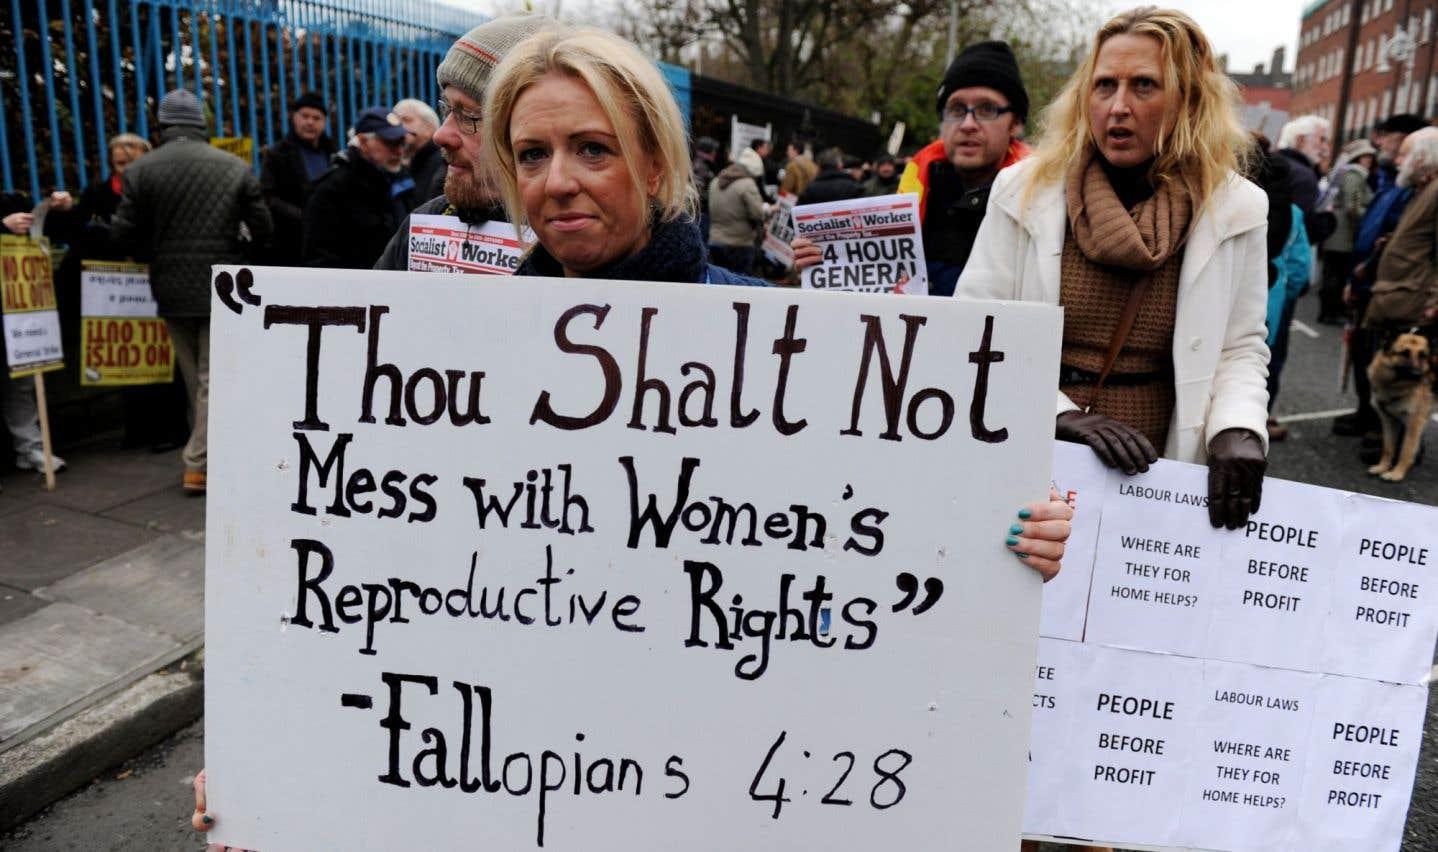 L'Irlande organisera un référendum sur l'avortement au printemps2018